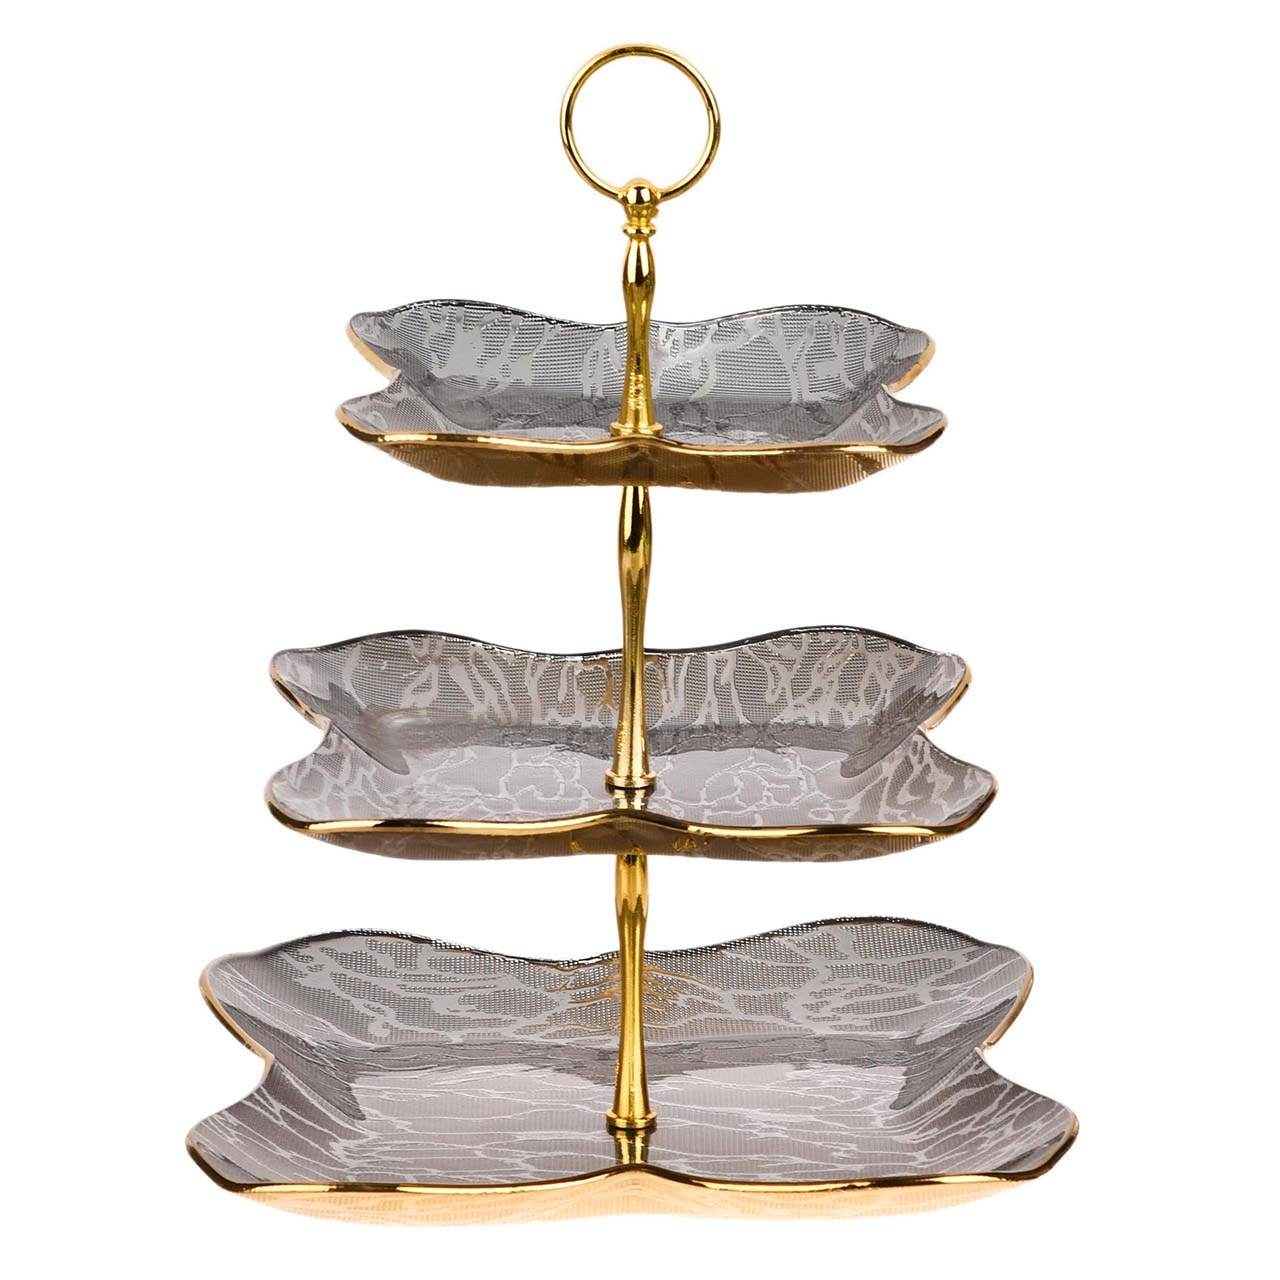 شیرینی خوری لورنزا مدل پروانه 3